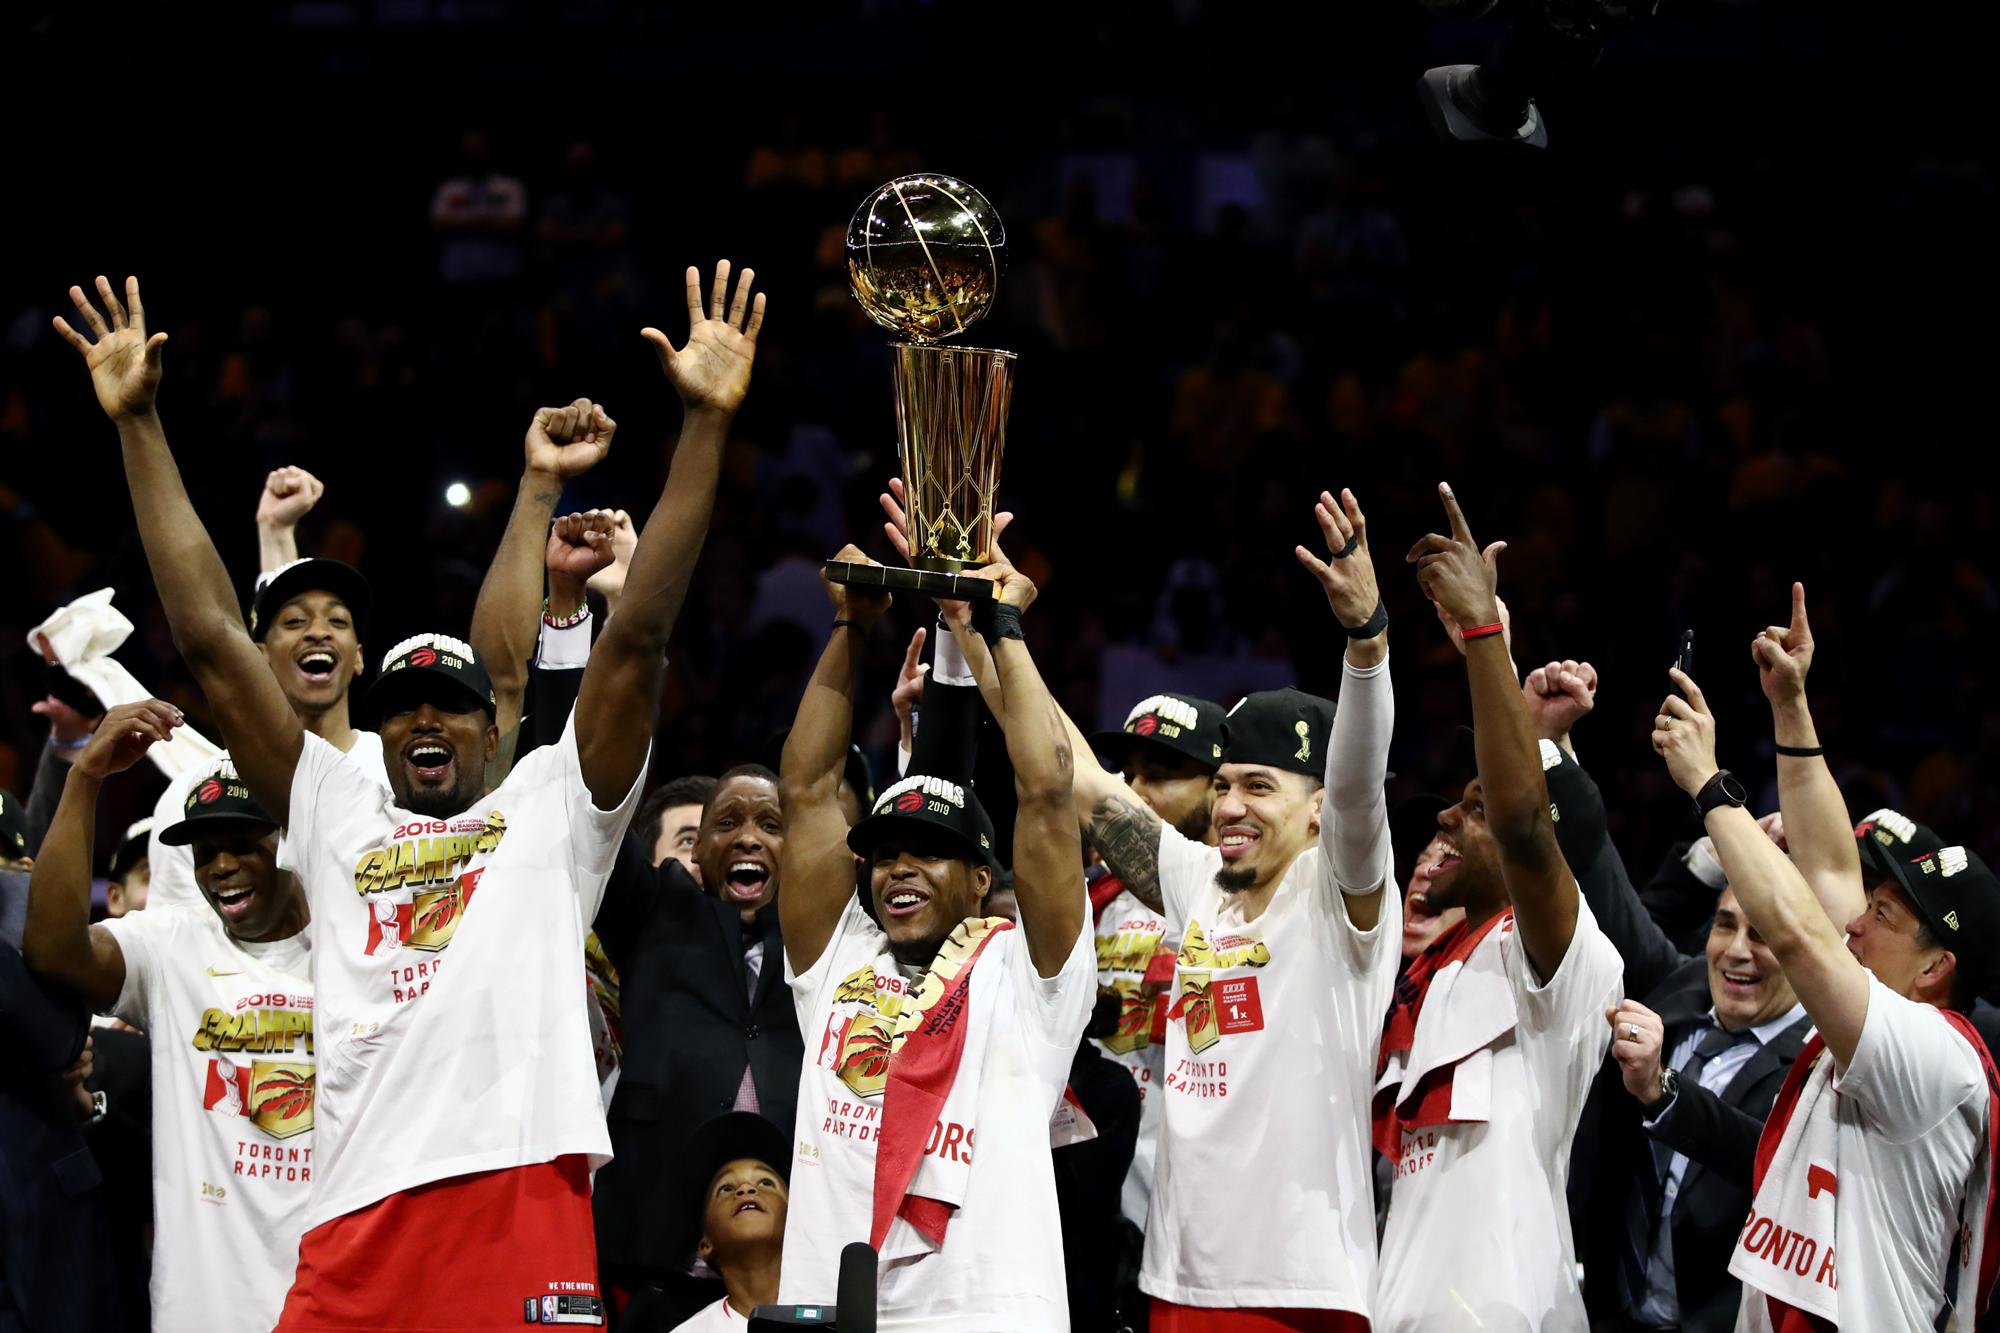 Basket NBA su Sky Sport per altri 4 anni, rinnovo fino alla stagione 2022-23